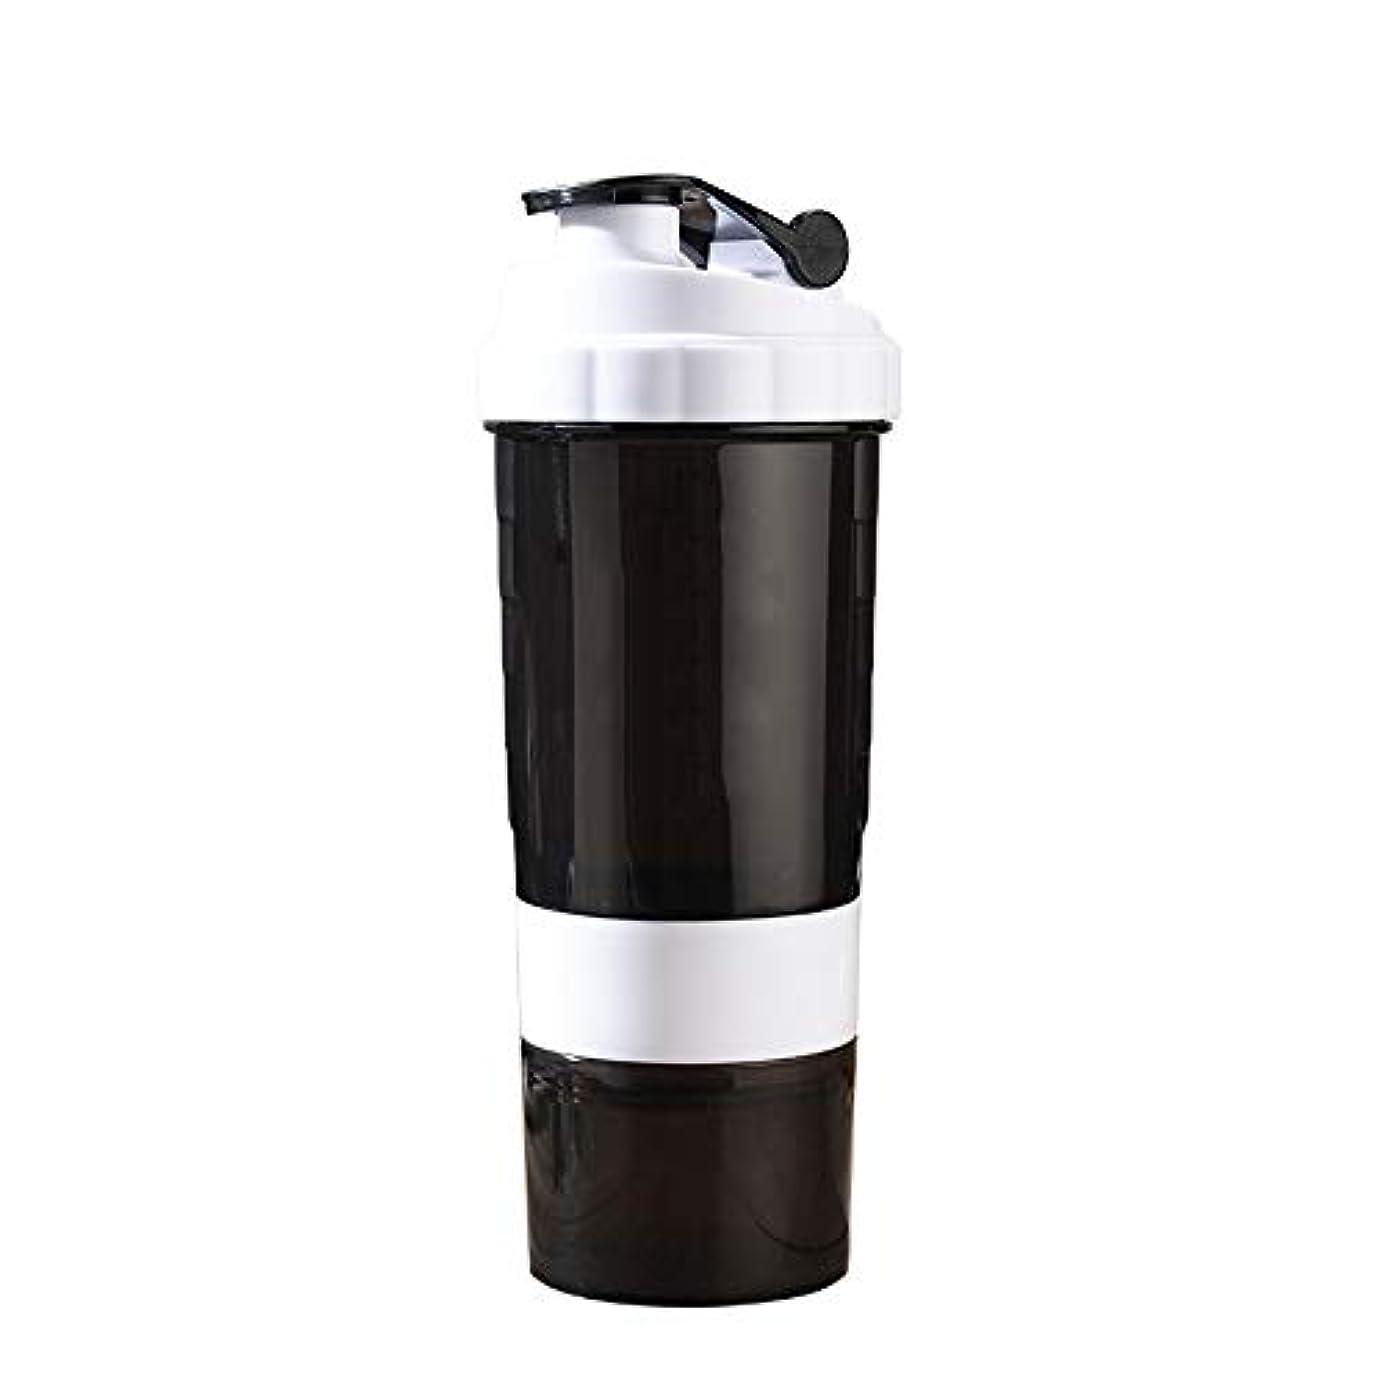 ずんぐりした強化する取り扱いミルクセーキ シェイクカップフ[ 最新デザイン ] 多層タンパク質粉末 シェイクカップフ ィット ネススポ ーツウォーターボトル 旋風やかんミルク スケールティーカップ